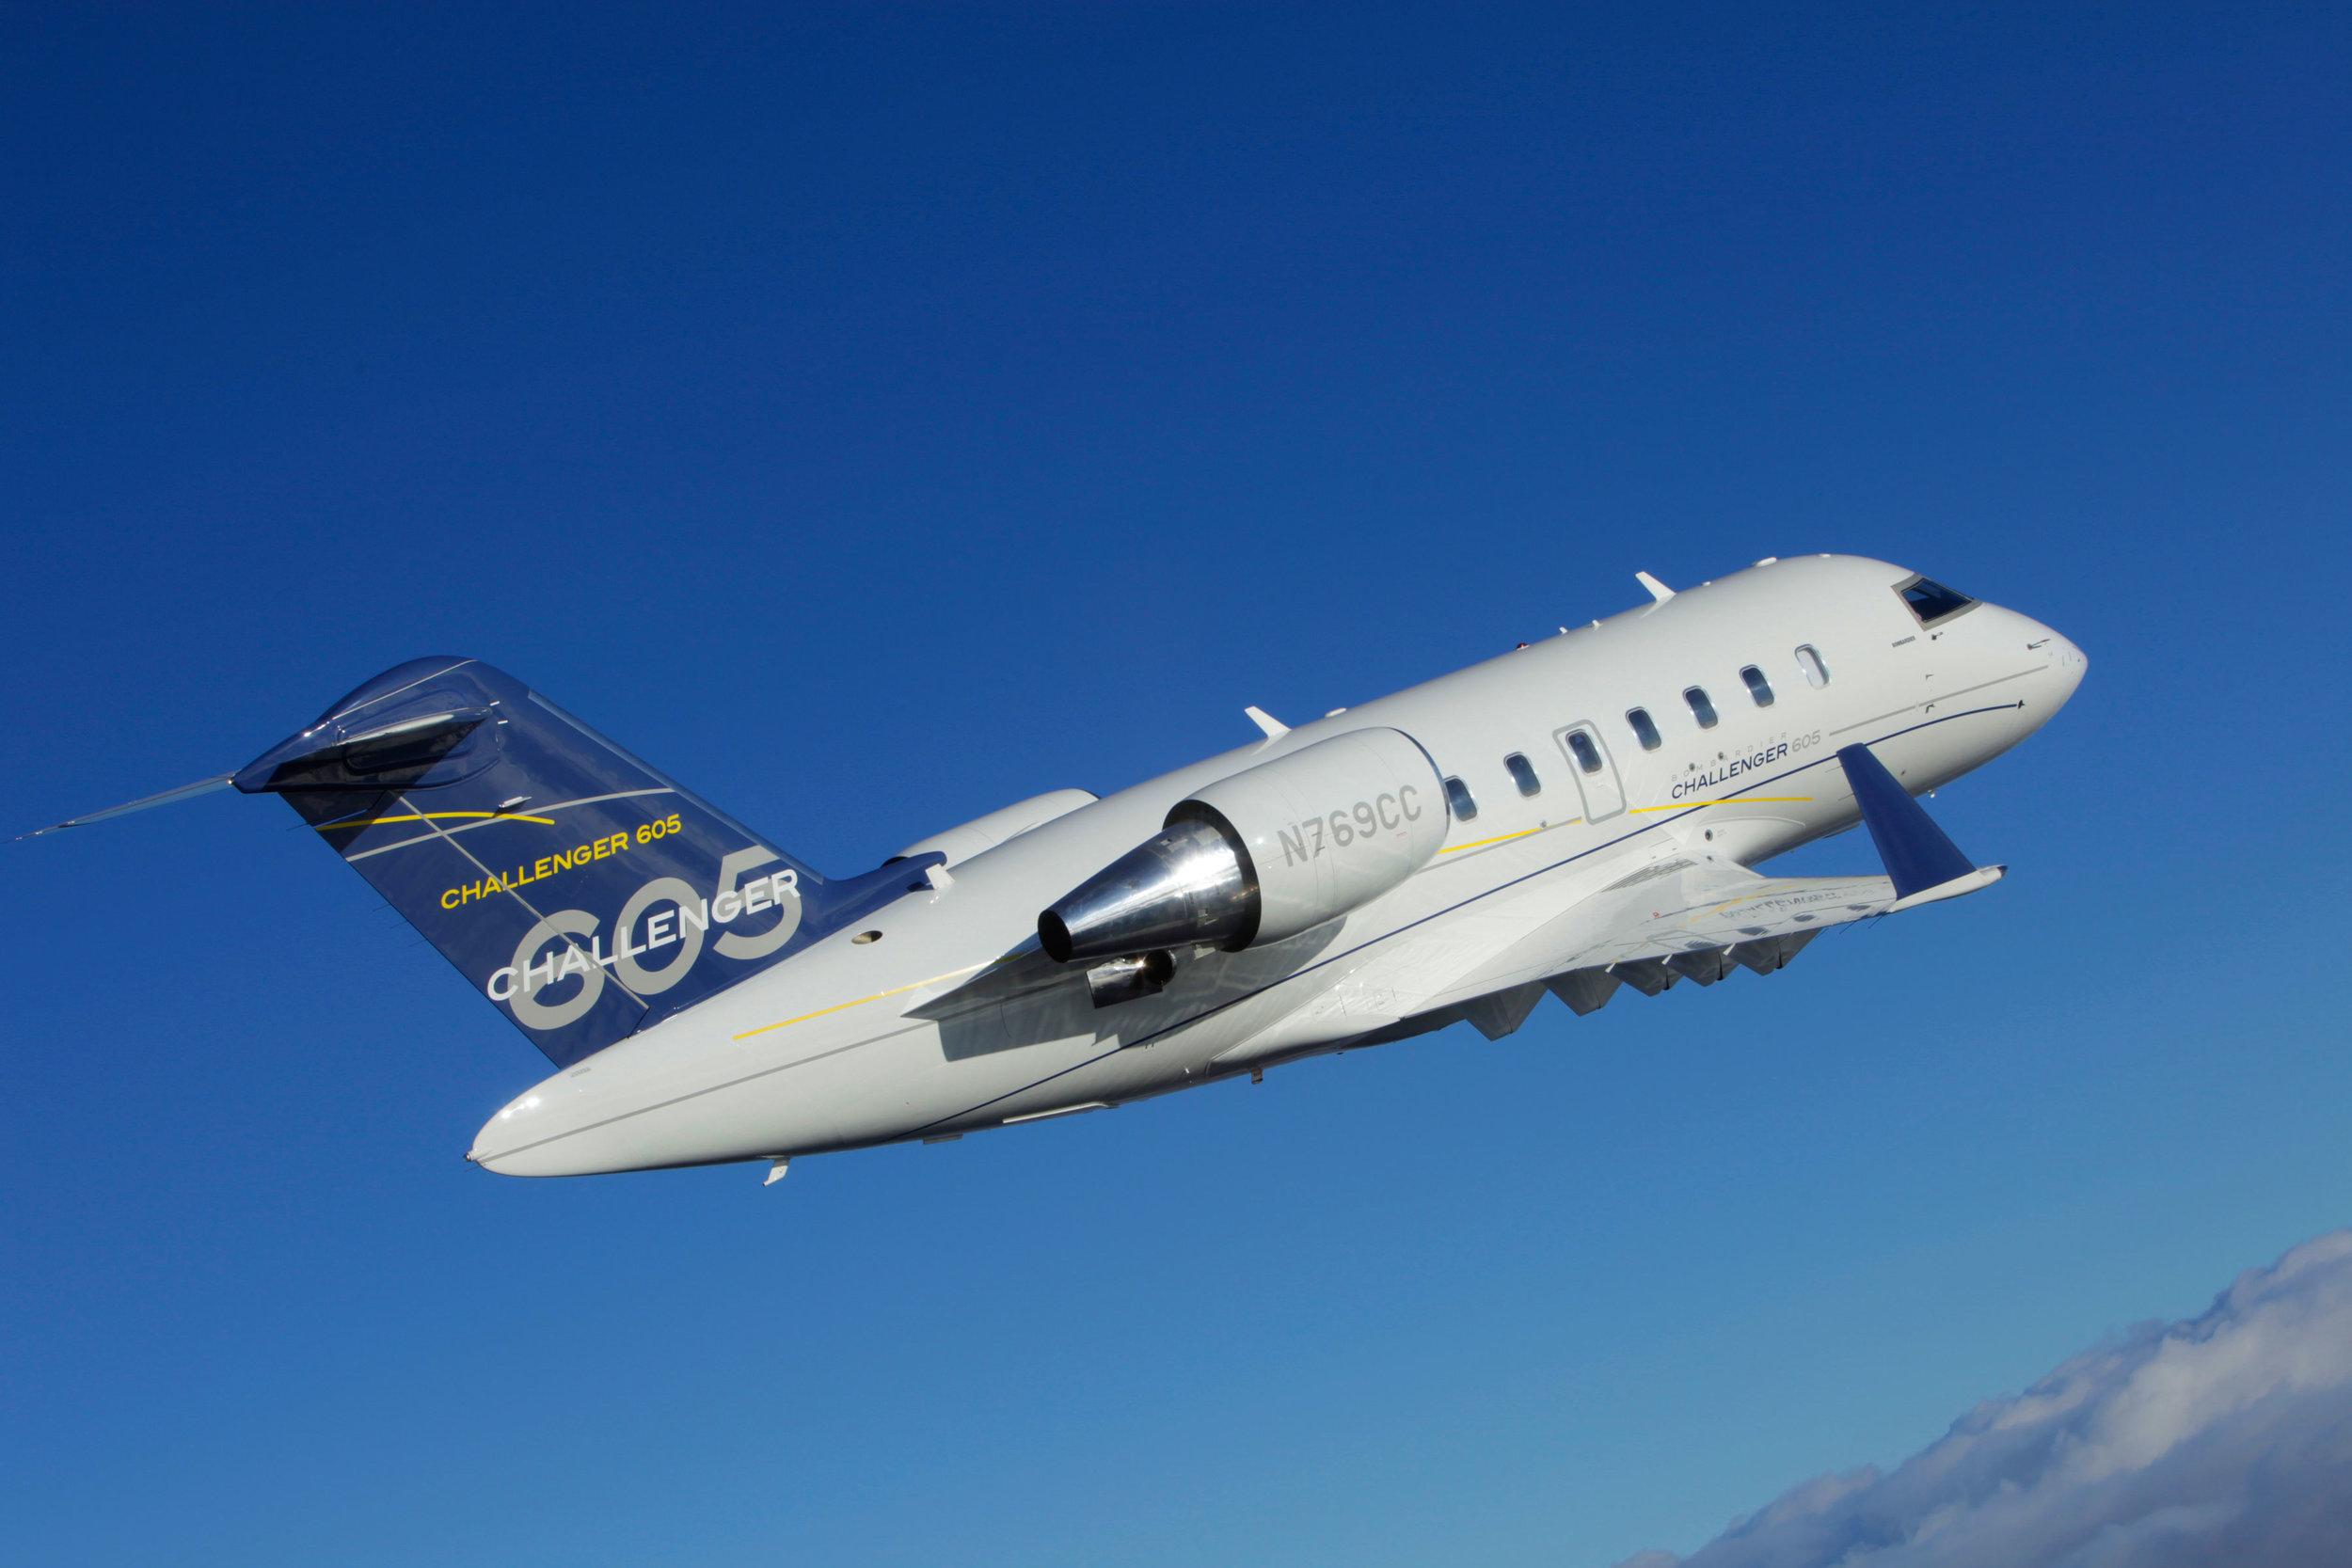 Altus Aviation Bombardier Challenger 605 Market Report June 2017